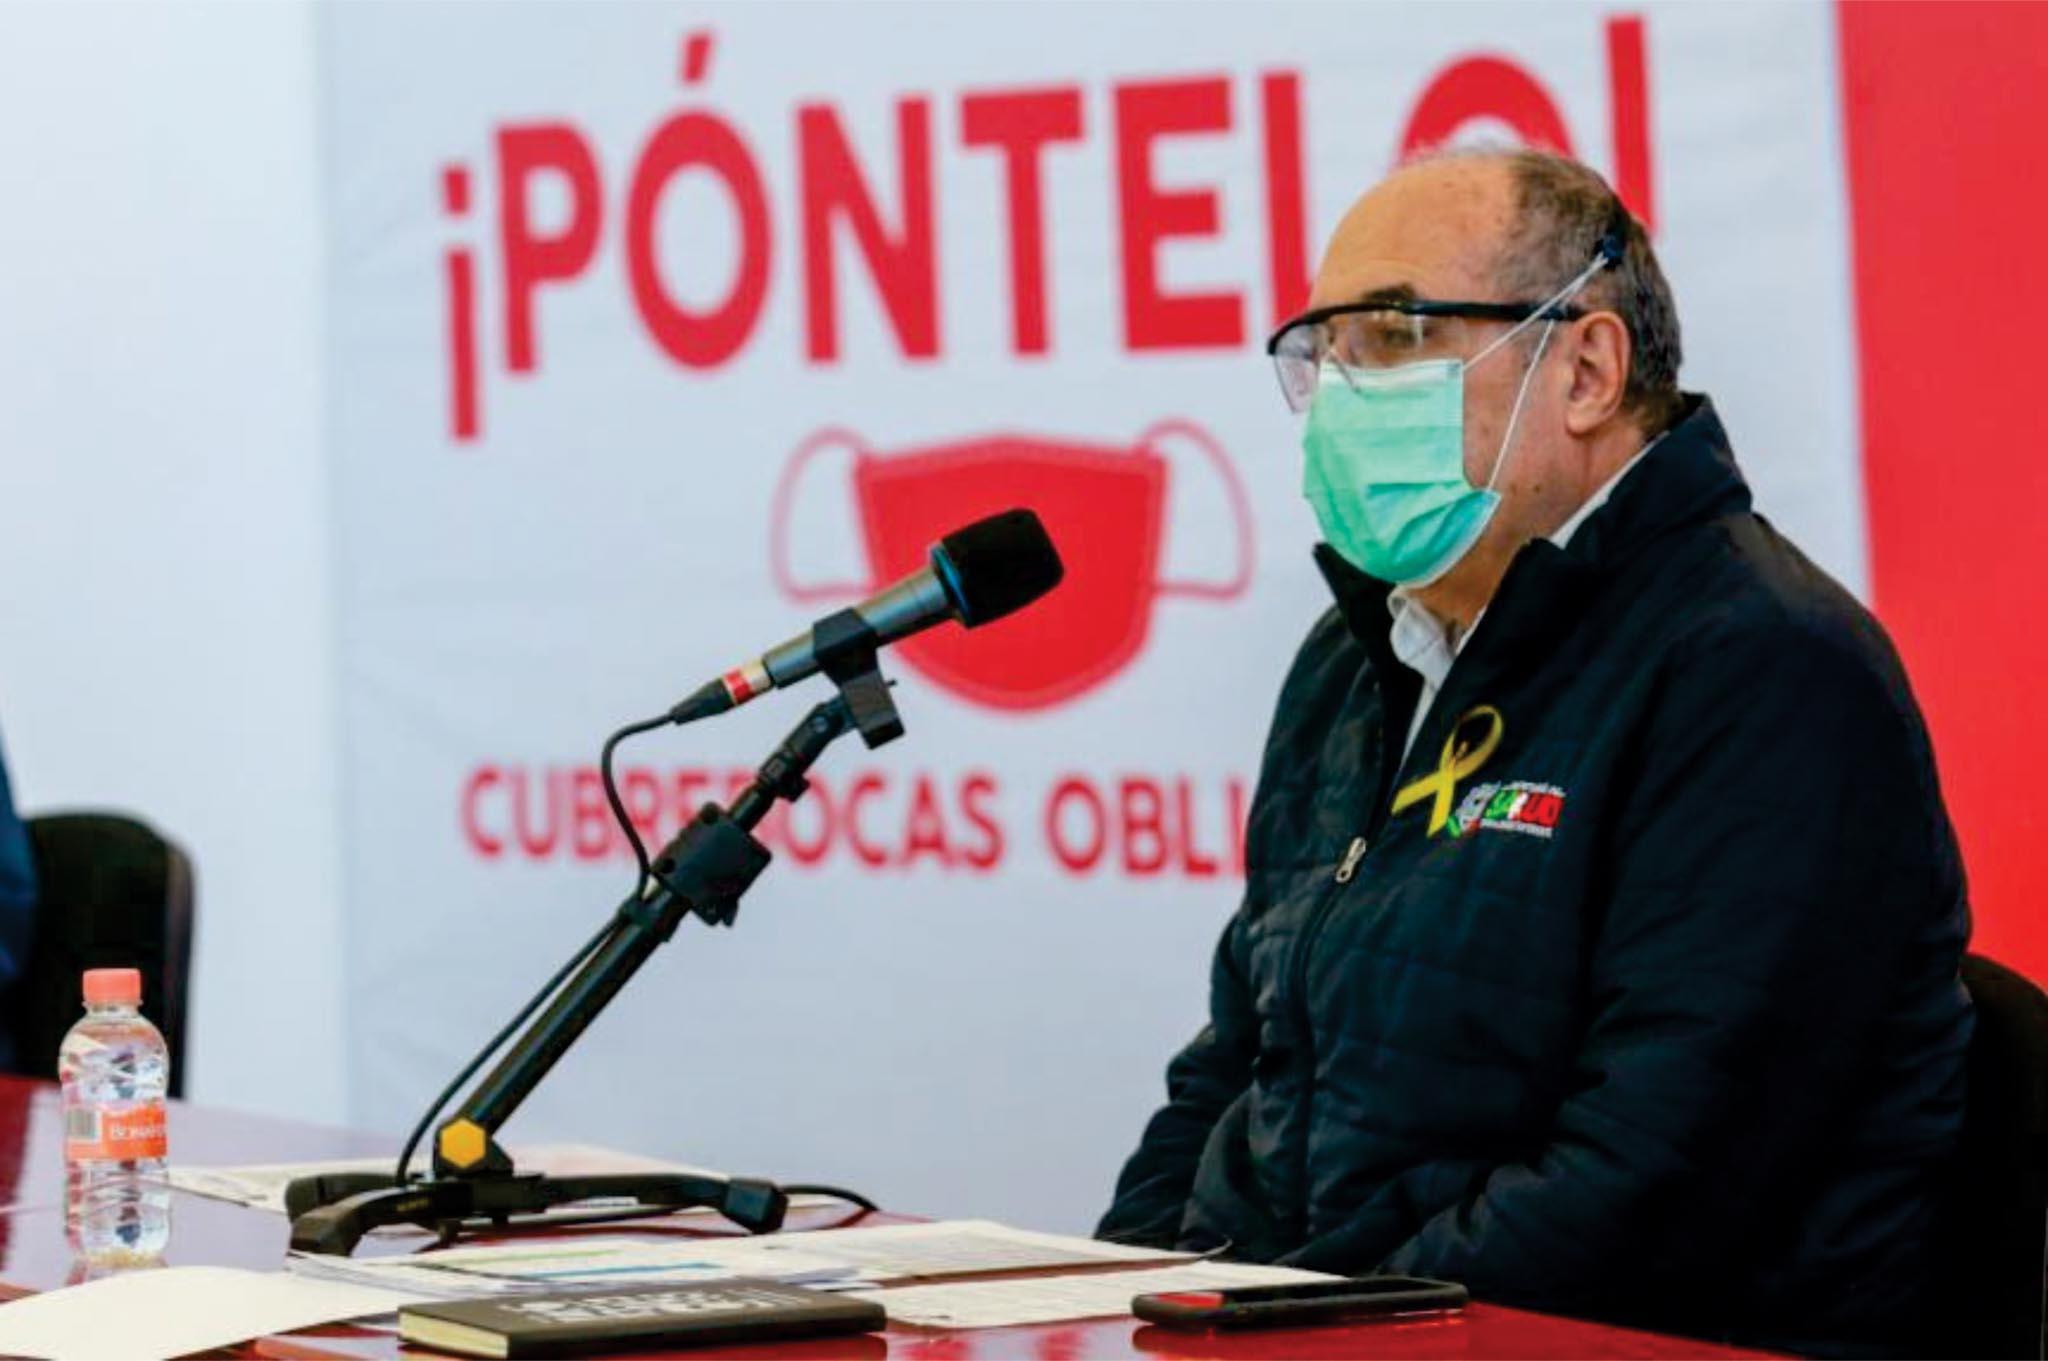 Podría Zacatecas, avanzar a semáforo amarillo por pandemia